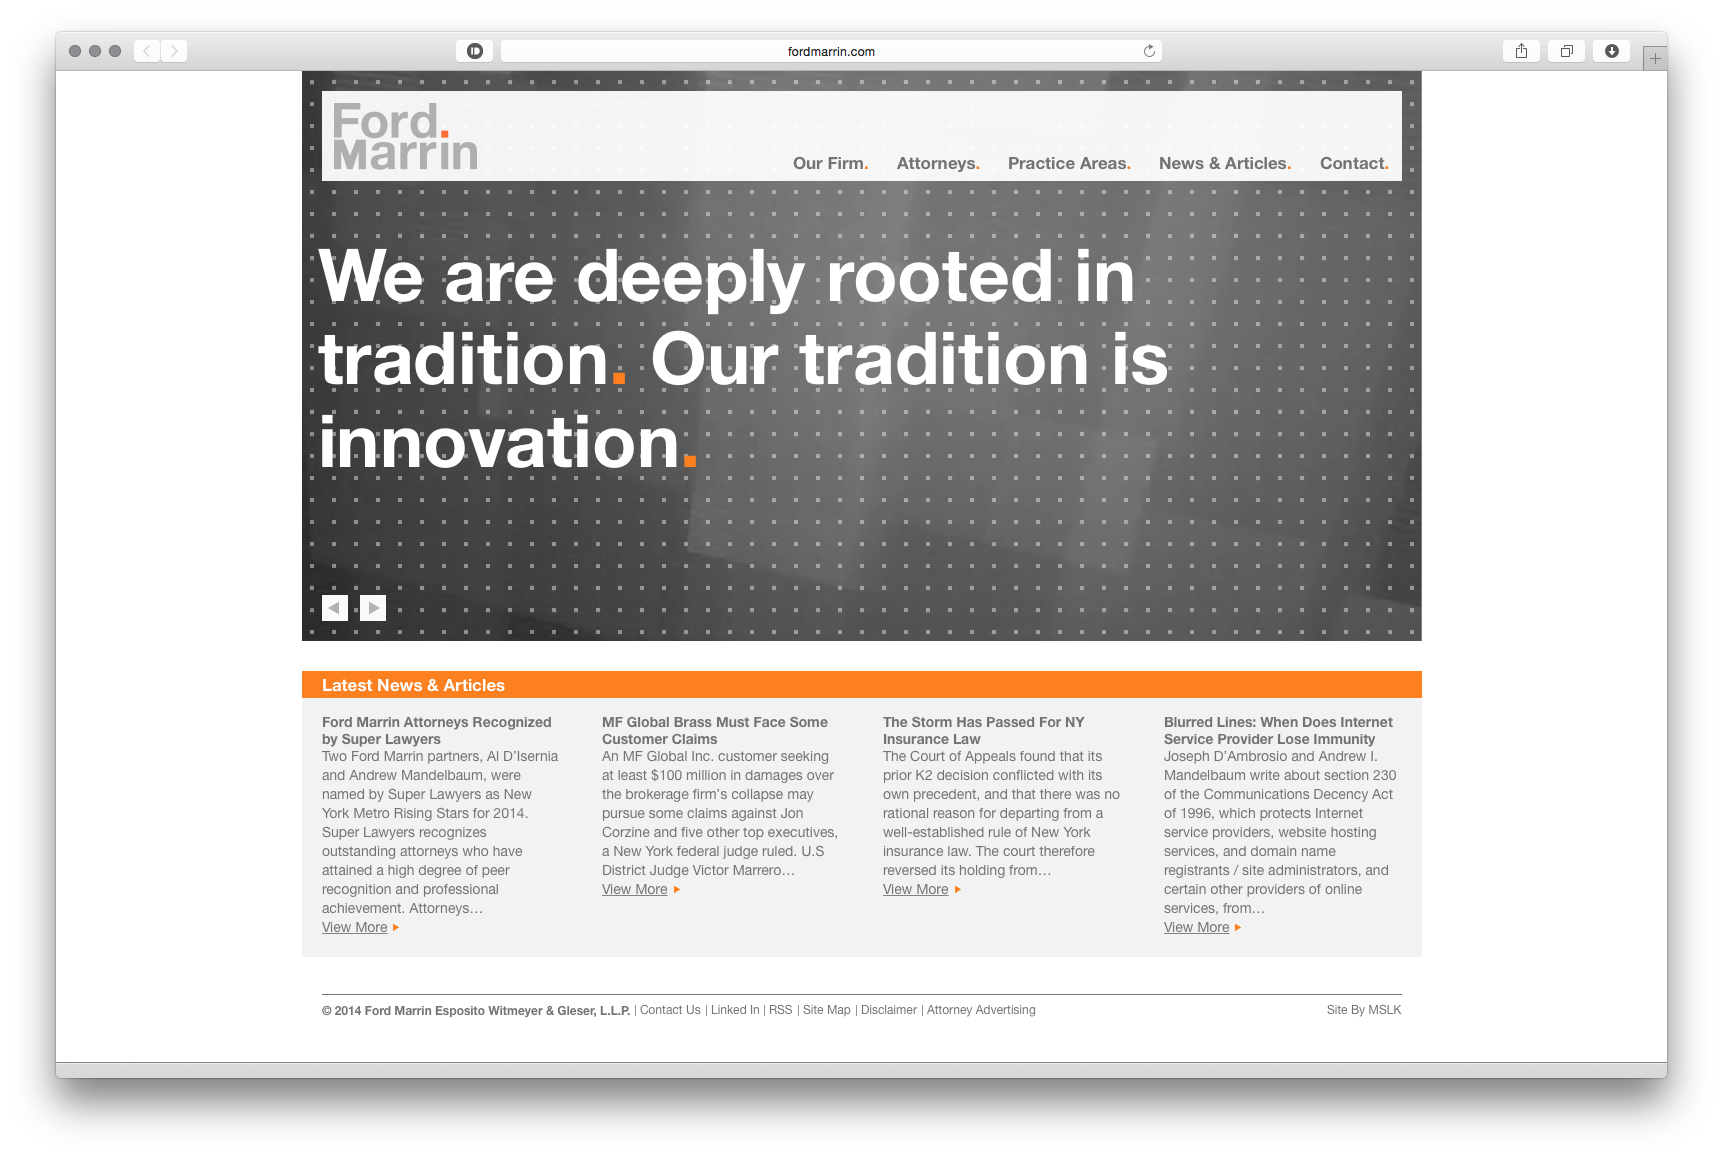 Ford-marrin-website-mslk-homepage